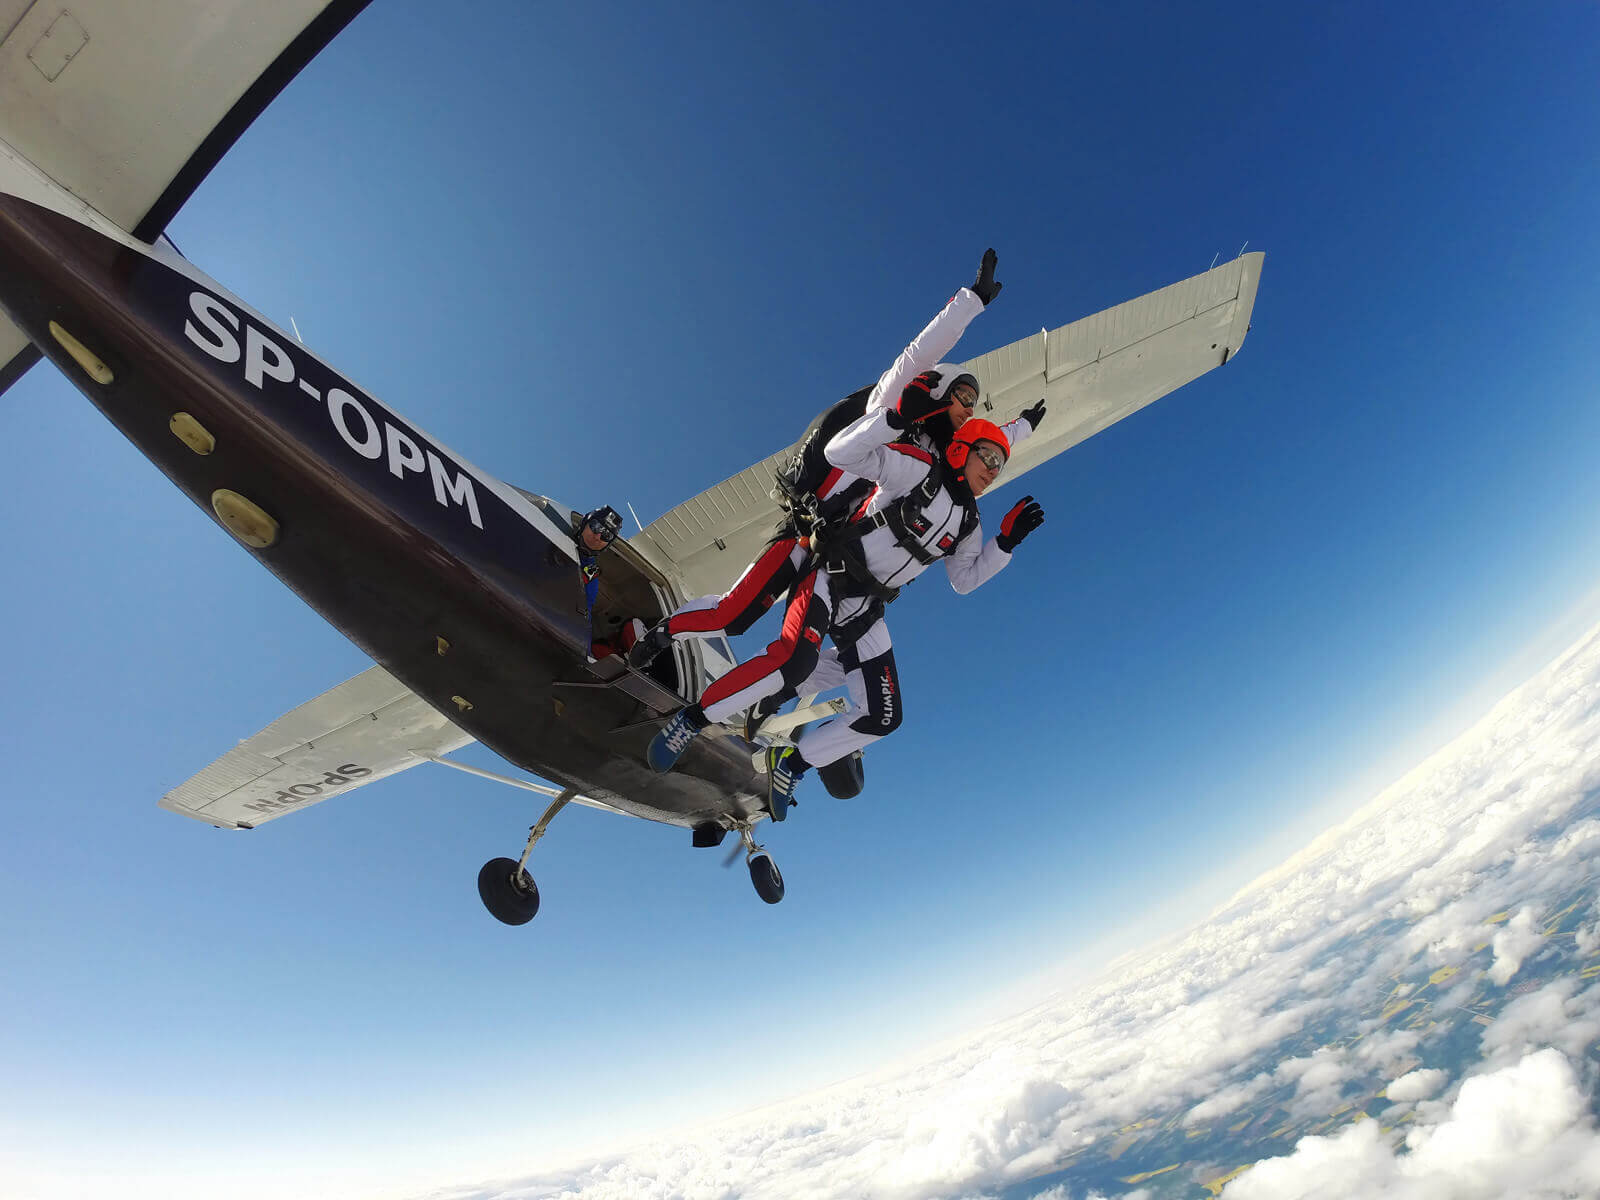 Skoki spadochronowe | Tunel Aerodynamiczny SpeedFly